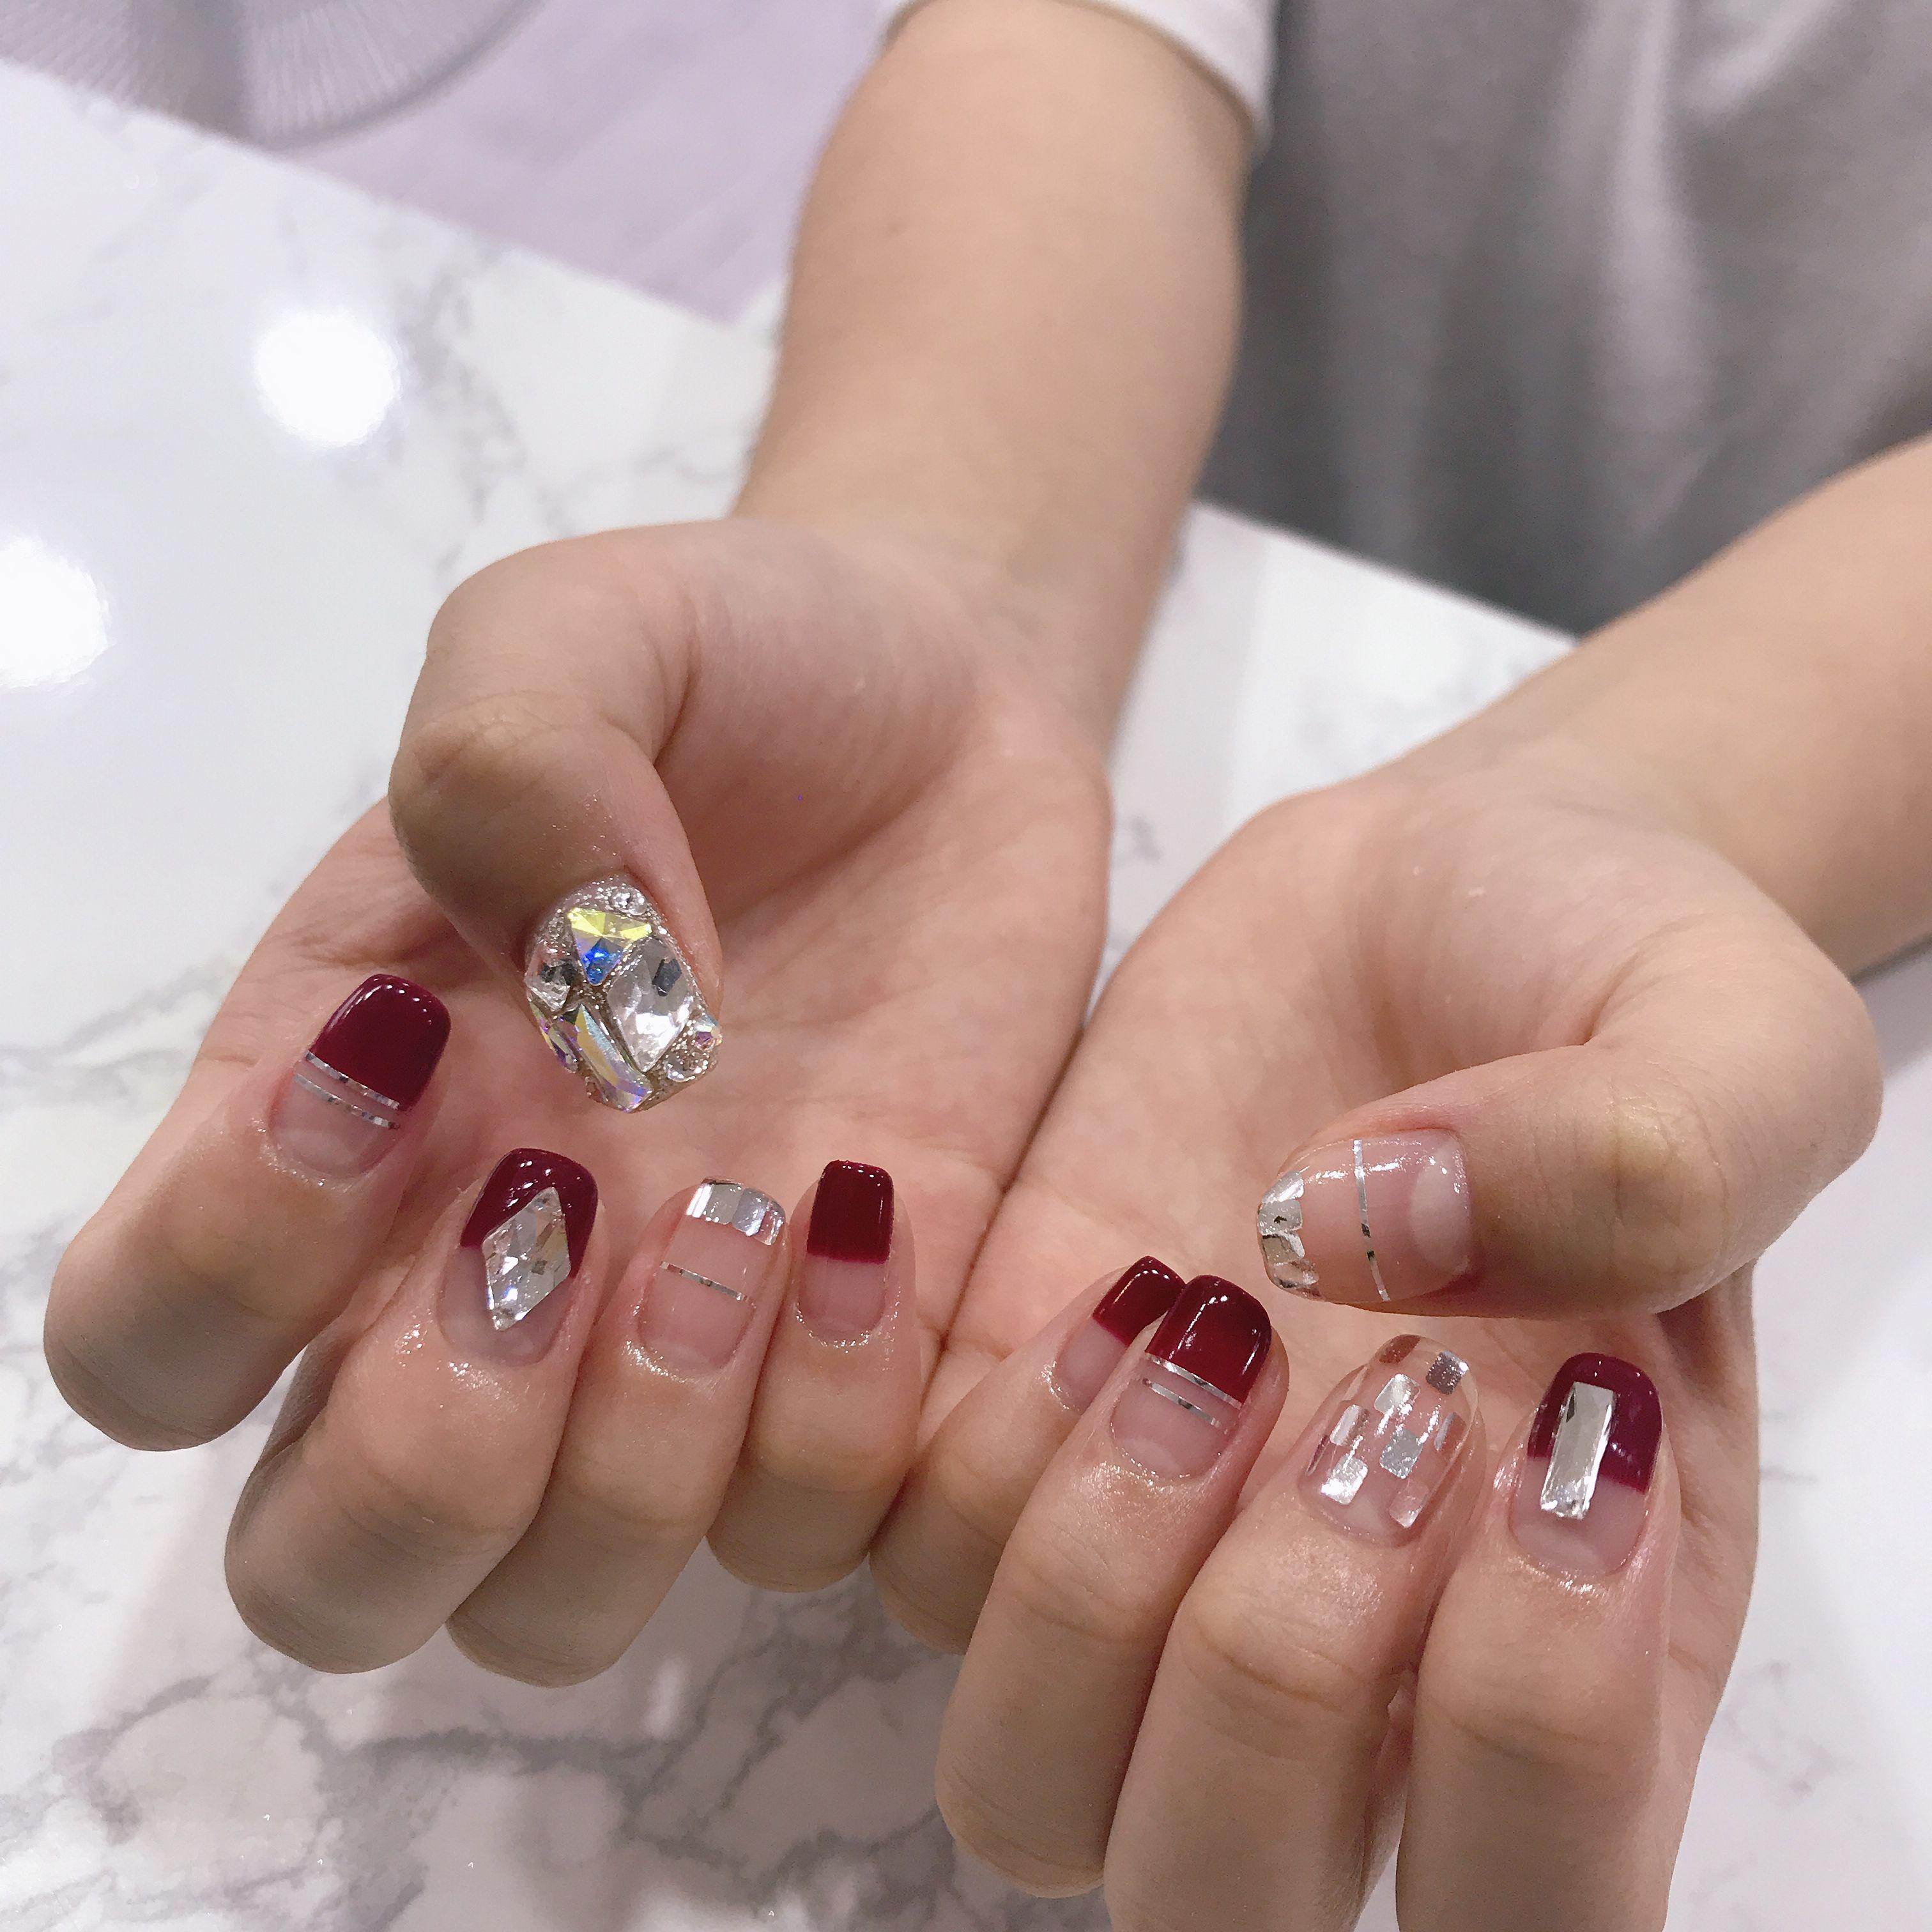 연말네일 크리스마스네일 화려한네일 Nail Art Fashion Nails Manicure